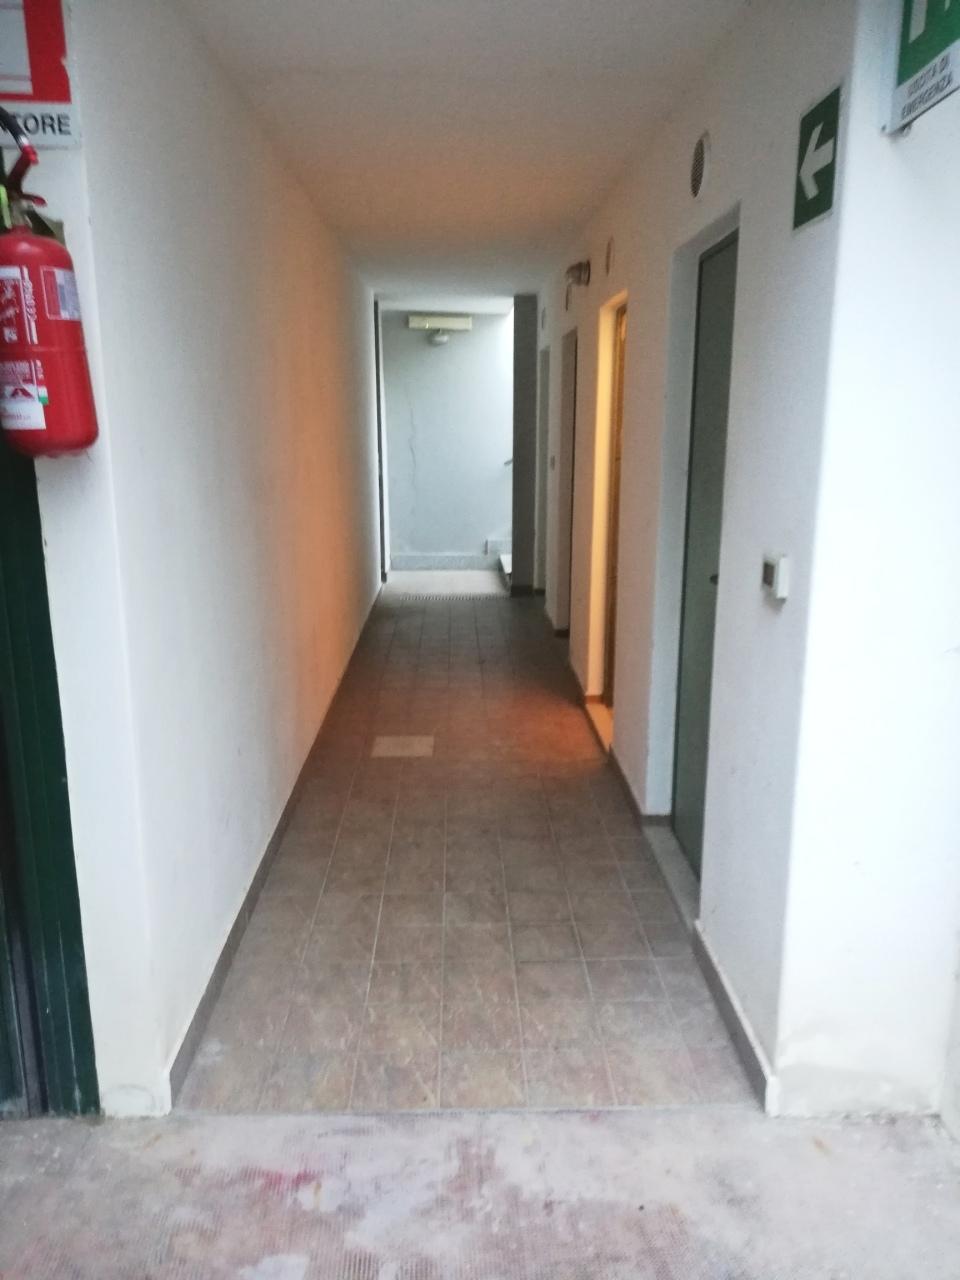 Magazzino in vendita a Borghetto Santo Spirito, 1 locali, prezzo € 9.500 | PortaleAgenzieImmobiliari.it